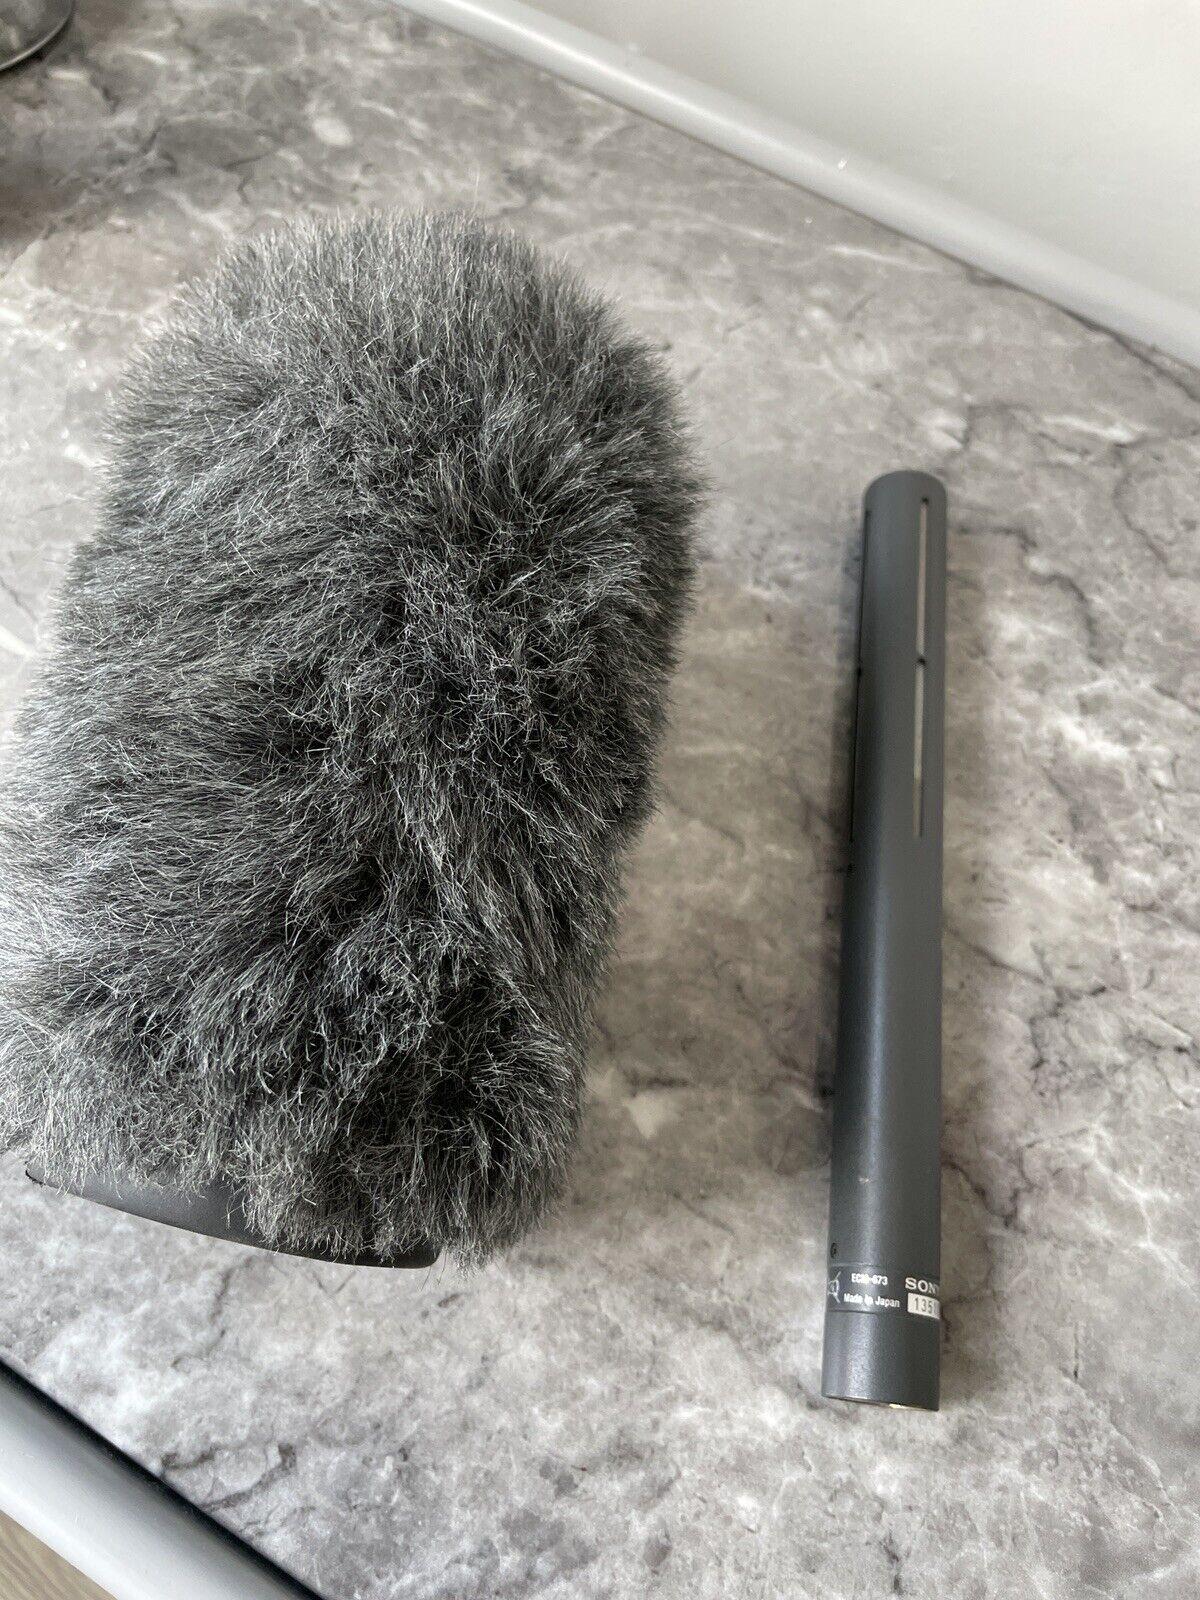 Sony ECM 673 Microphone And Rycote Softie